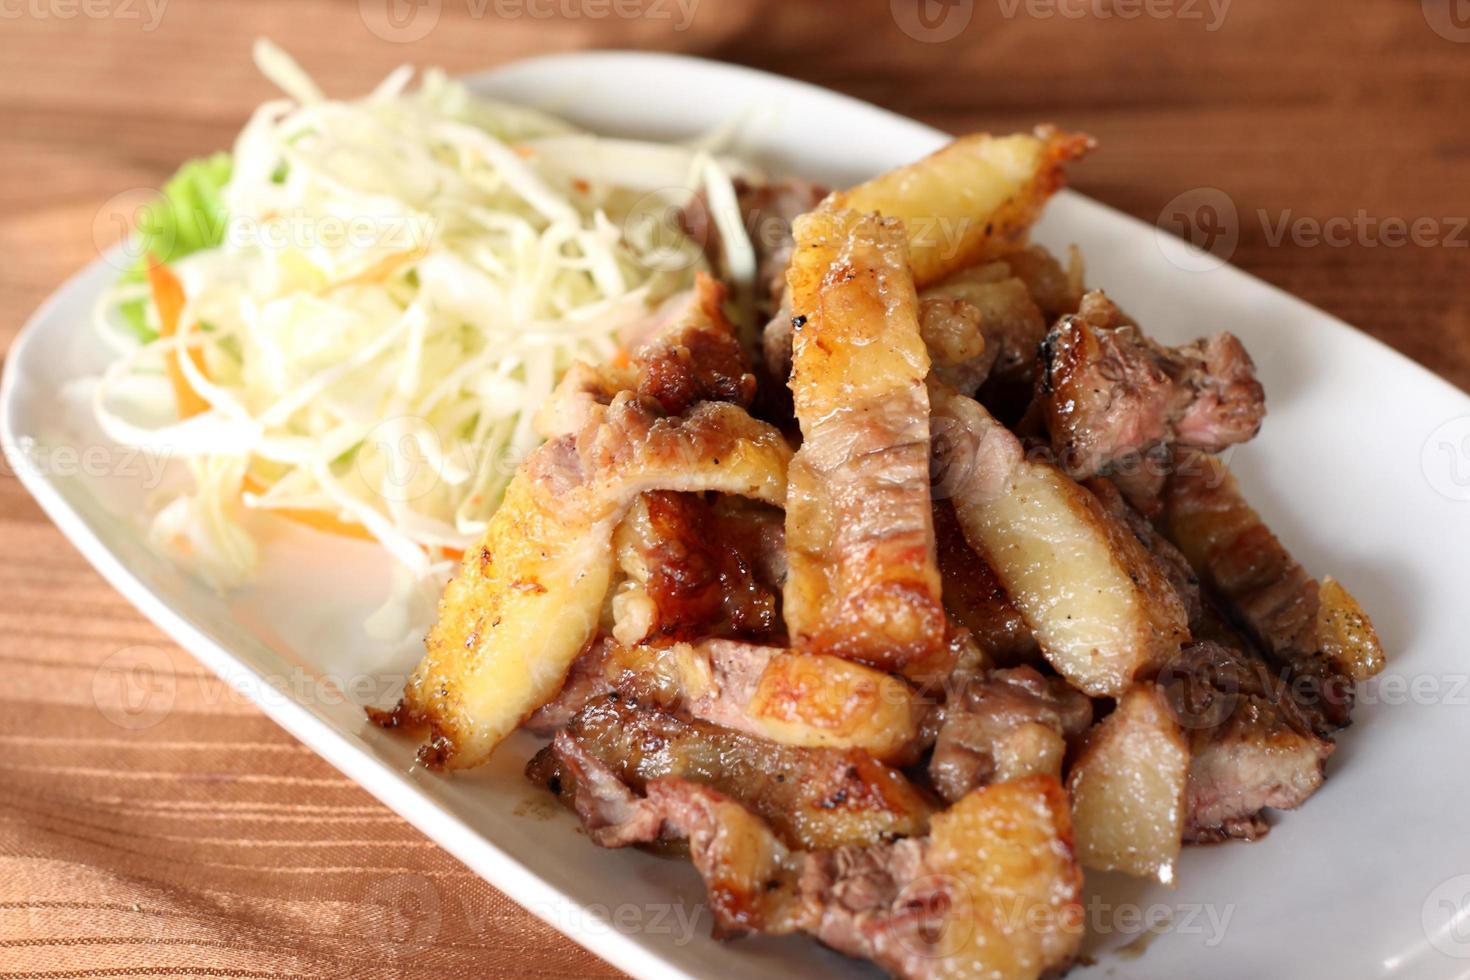 gegrilltes Schweinebrustrezept in Scheiben geschnitten. foto